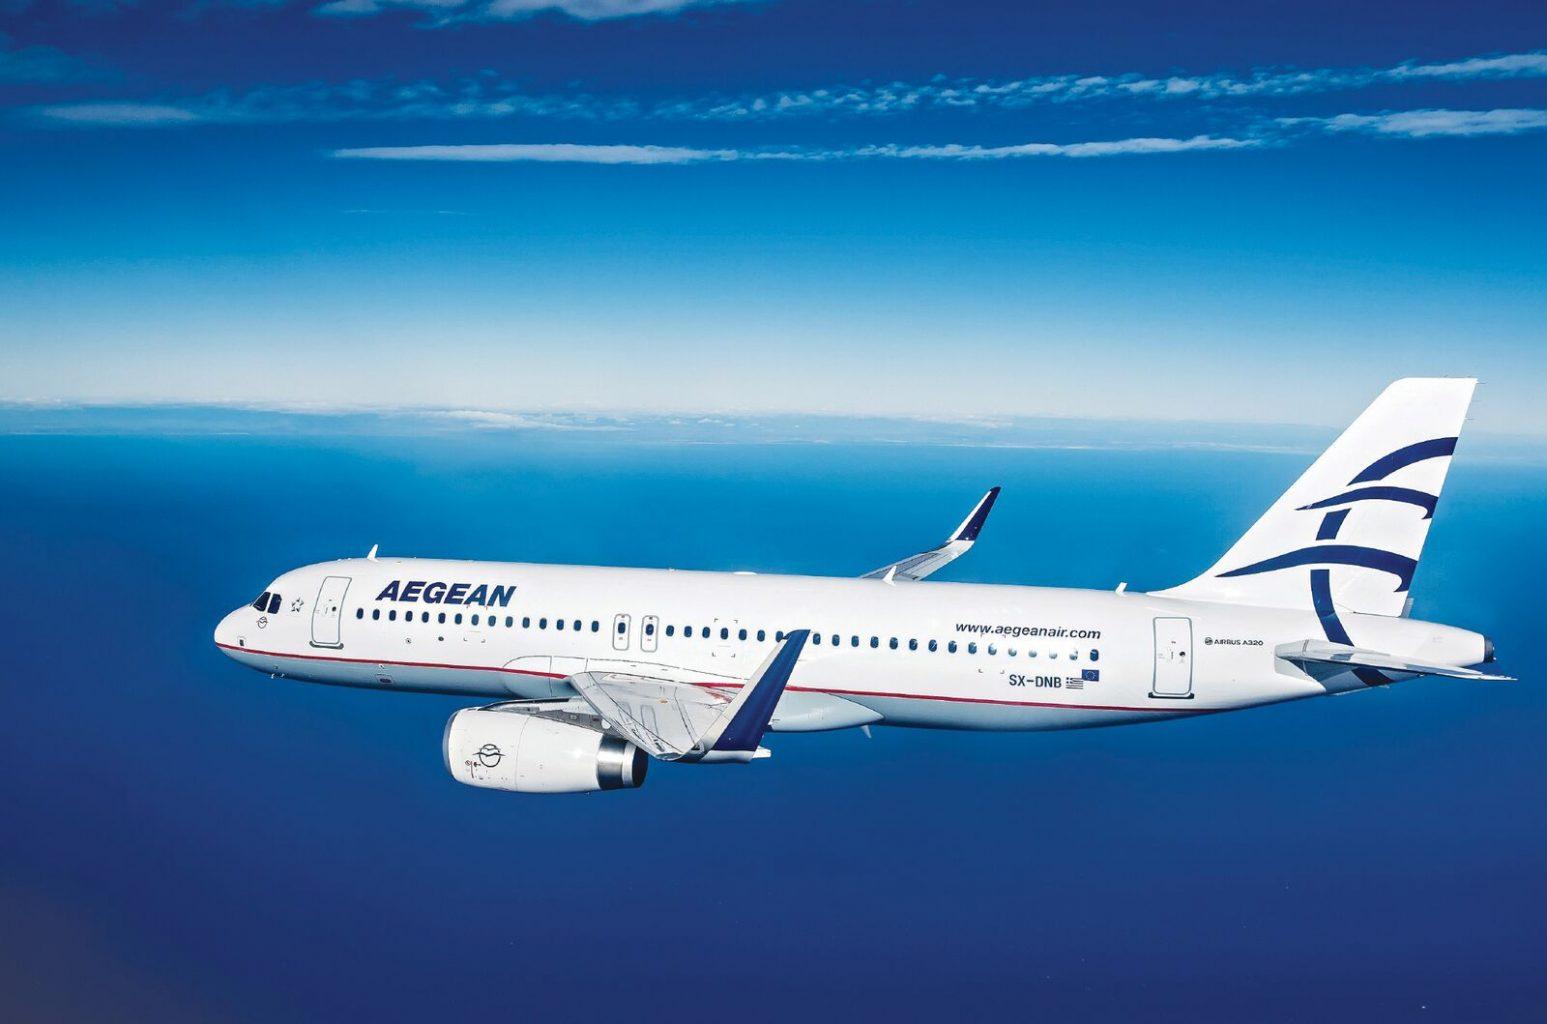 エーゲ航空(A3)の以遠権フライト